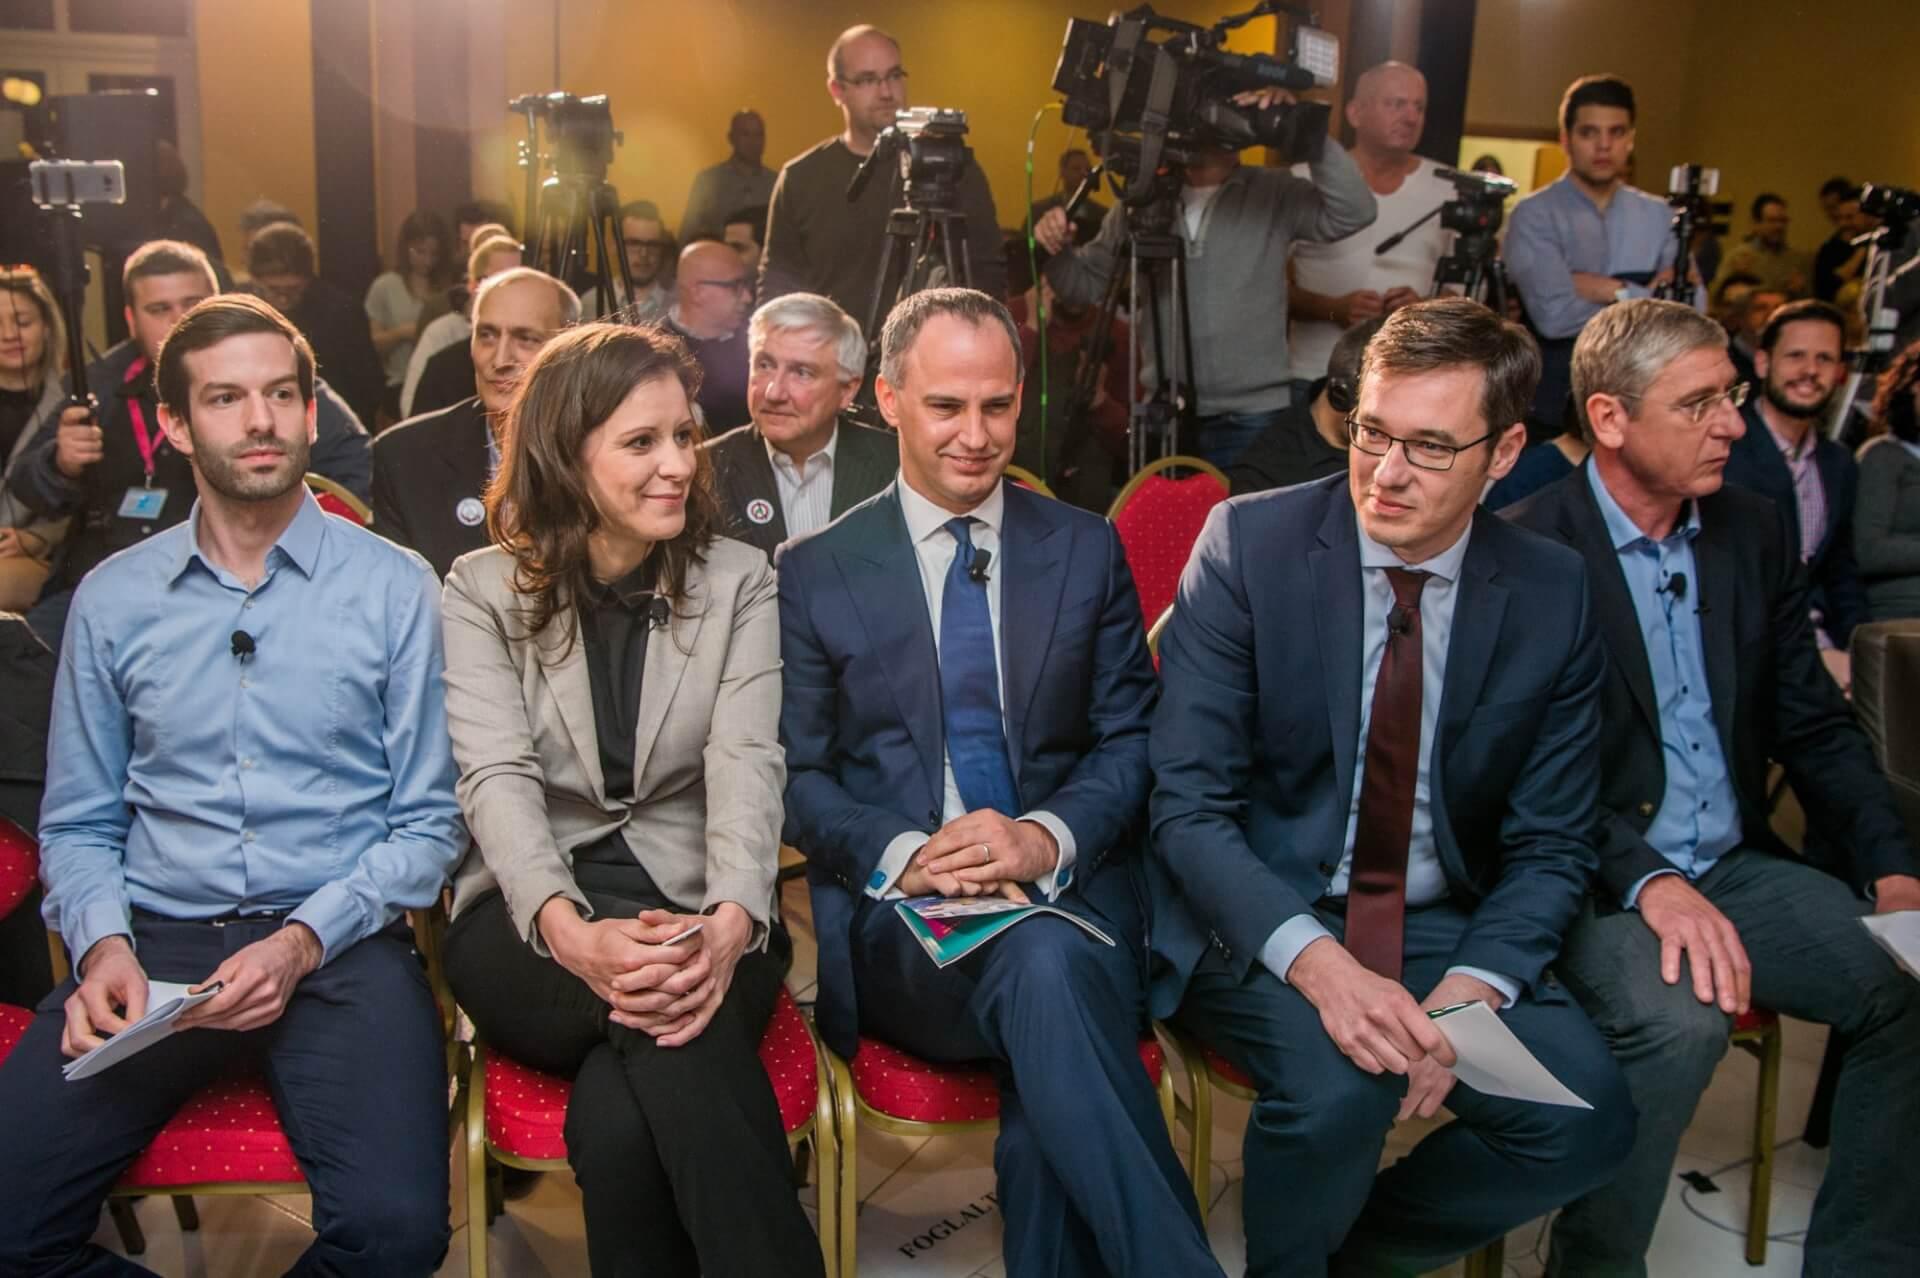 Fekete-Győr András, a Momentum elnöke, Szél Bernadett, az LMP társelnöke, miniszterelnök-jelölt, Szigetvári Viktor, az Együtt miniszterelnök-jelöltje, Karácsony Gergely, az MSZP-Párbeszéd miniszterelnök-jelöltje és Gyurcsány Ferenc, a Demokratikus Koalíció elnöke (b-j) a Válasszunk! 2018 (V18) fórumán a budapesti Benczúr szállodában 2018. április 4-én. (MTI Fotó: Balogh Zoltán)